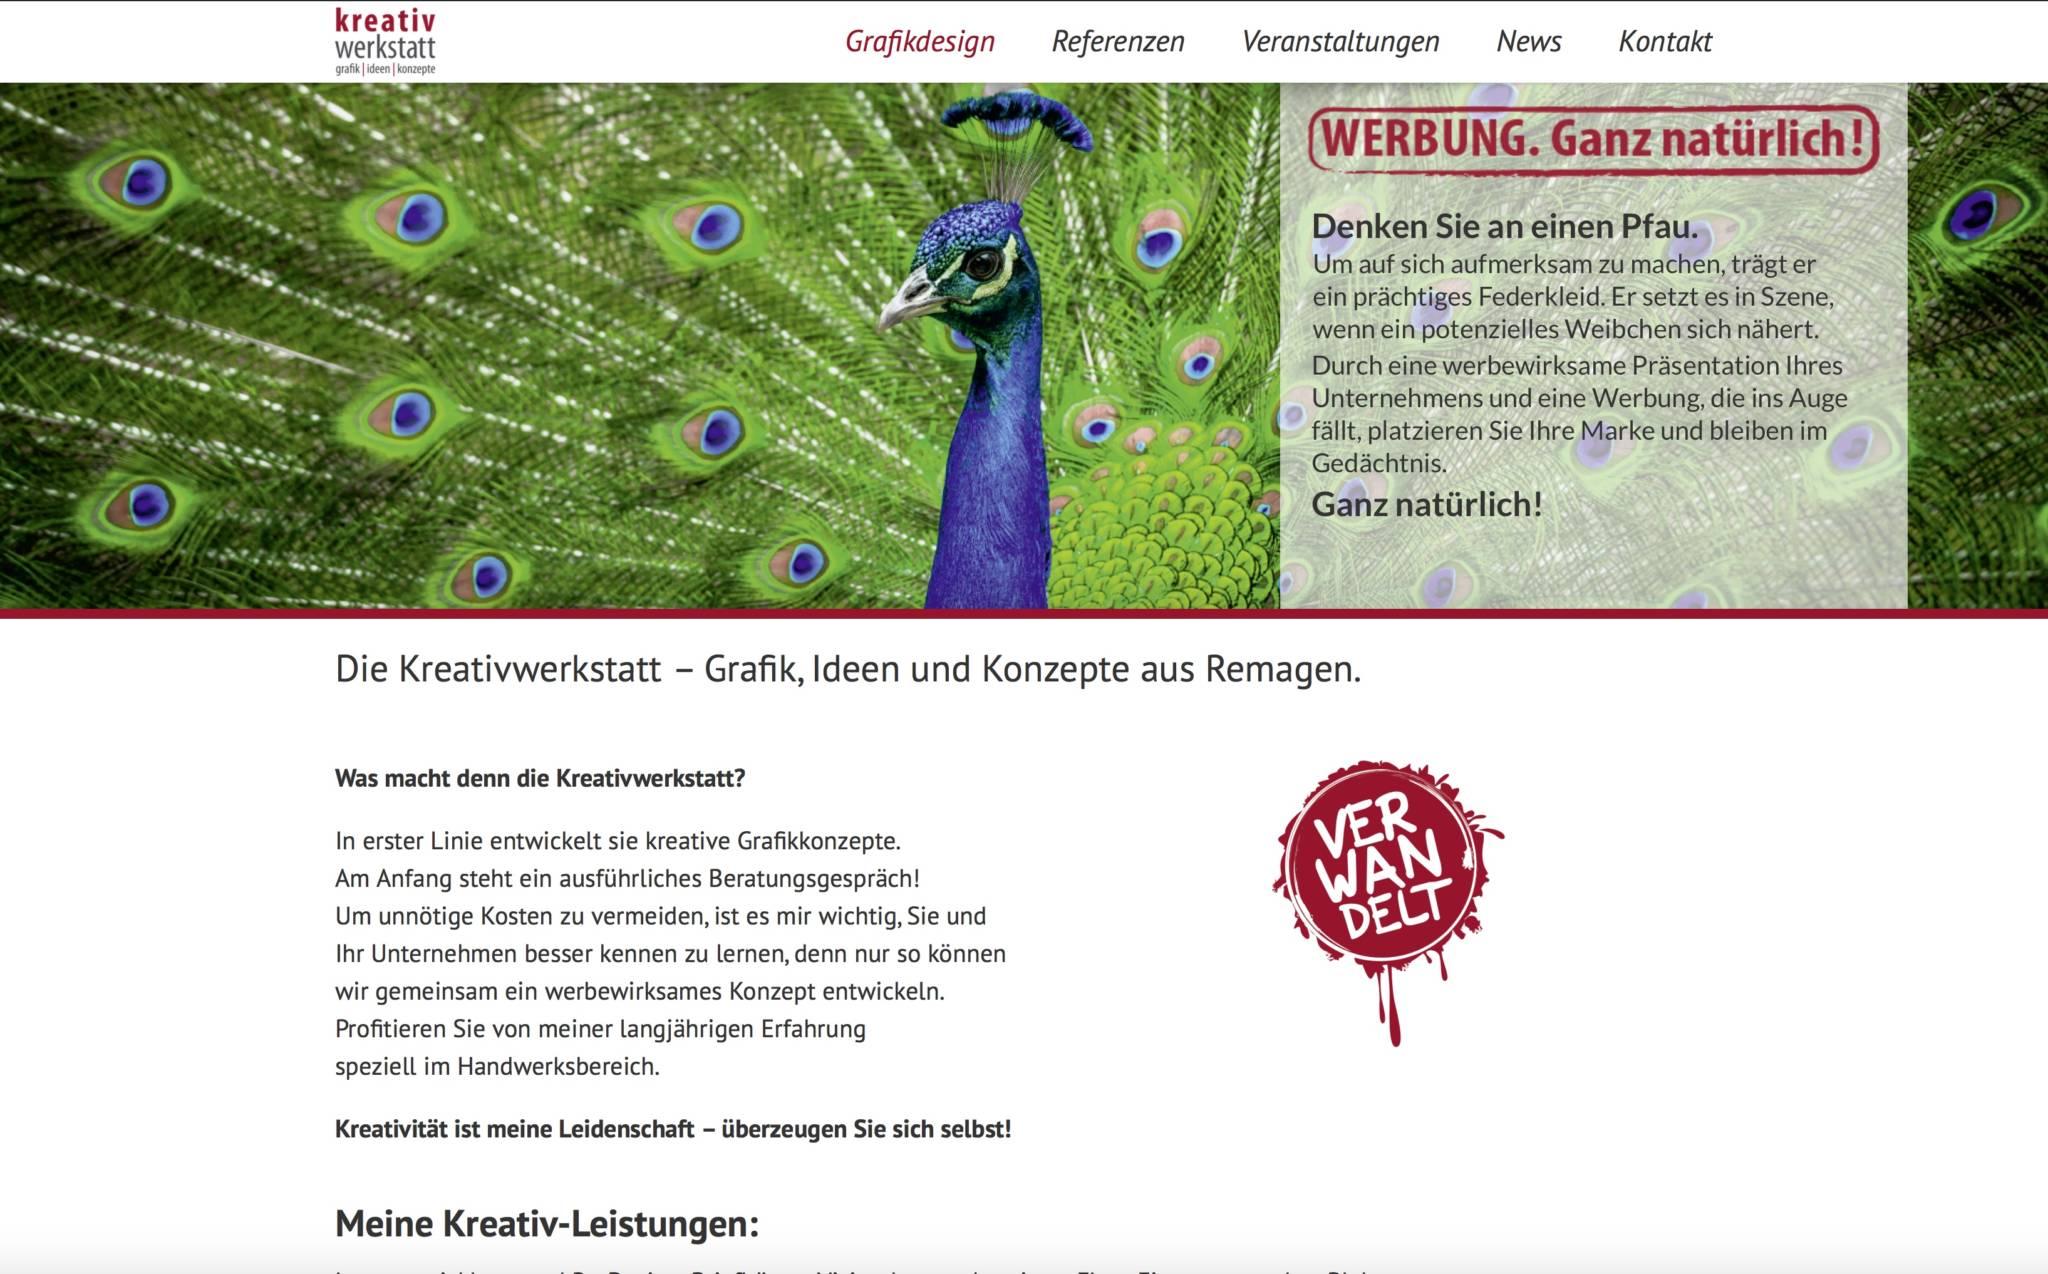 Webdesign Bad Neuenahr - Kreativwerkstatt